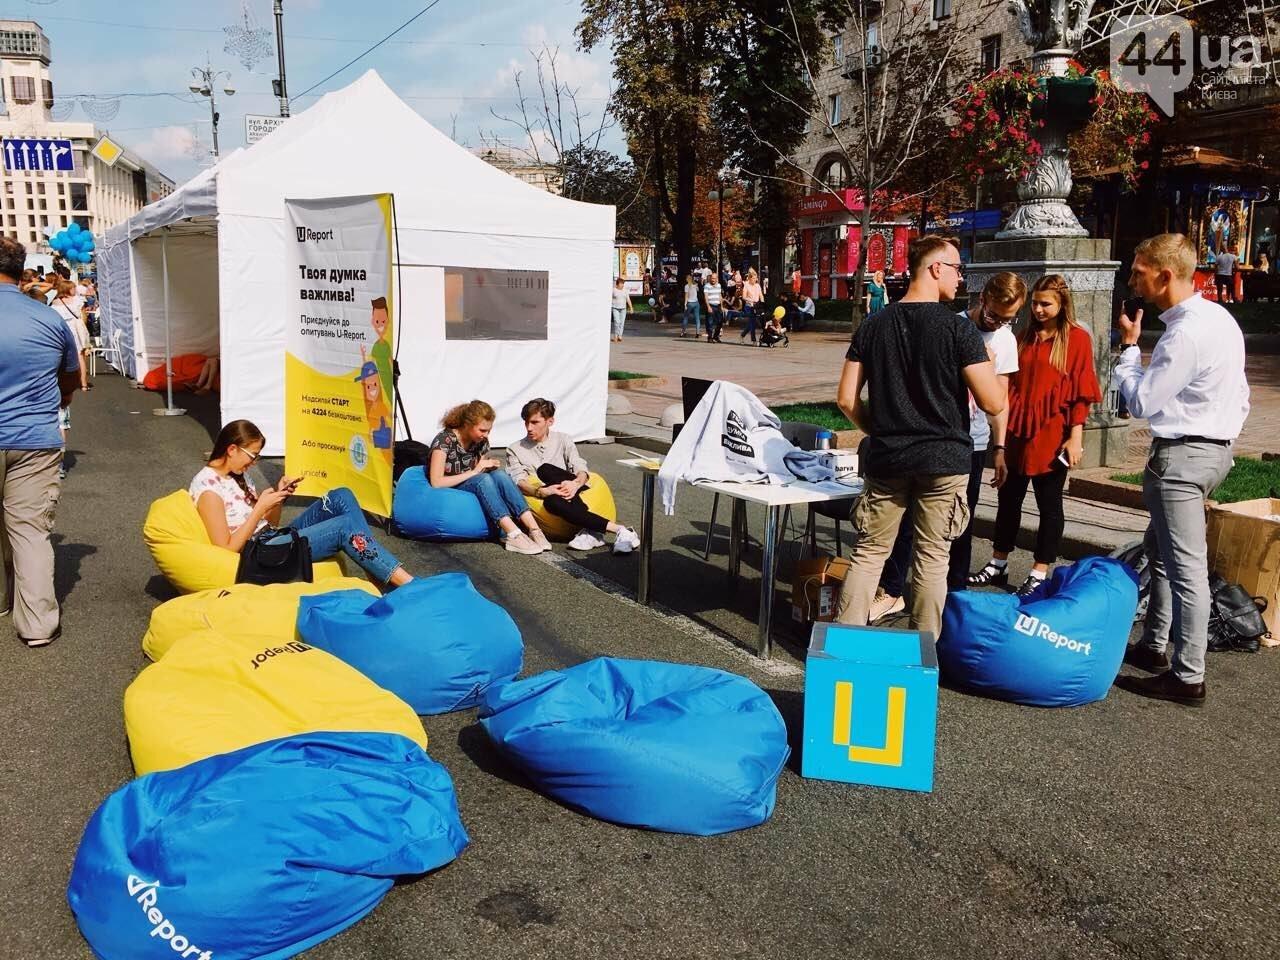 """Как на Крещатике прошел фестиваль """"Маркет языков"""", - ФОТООТЧЕТ, фото-29"""